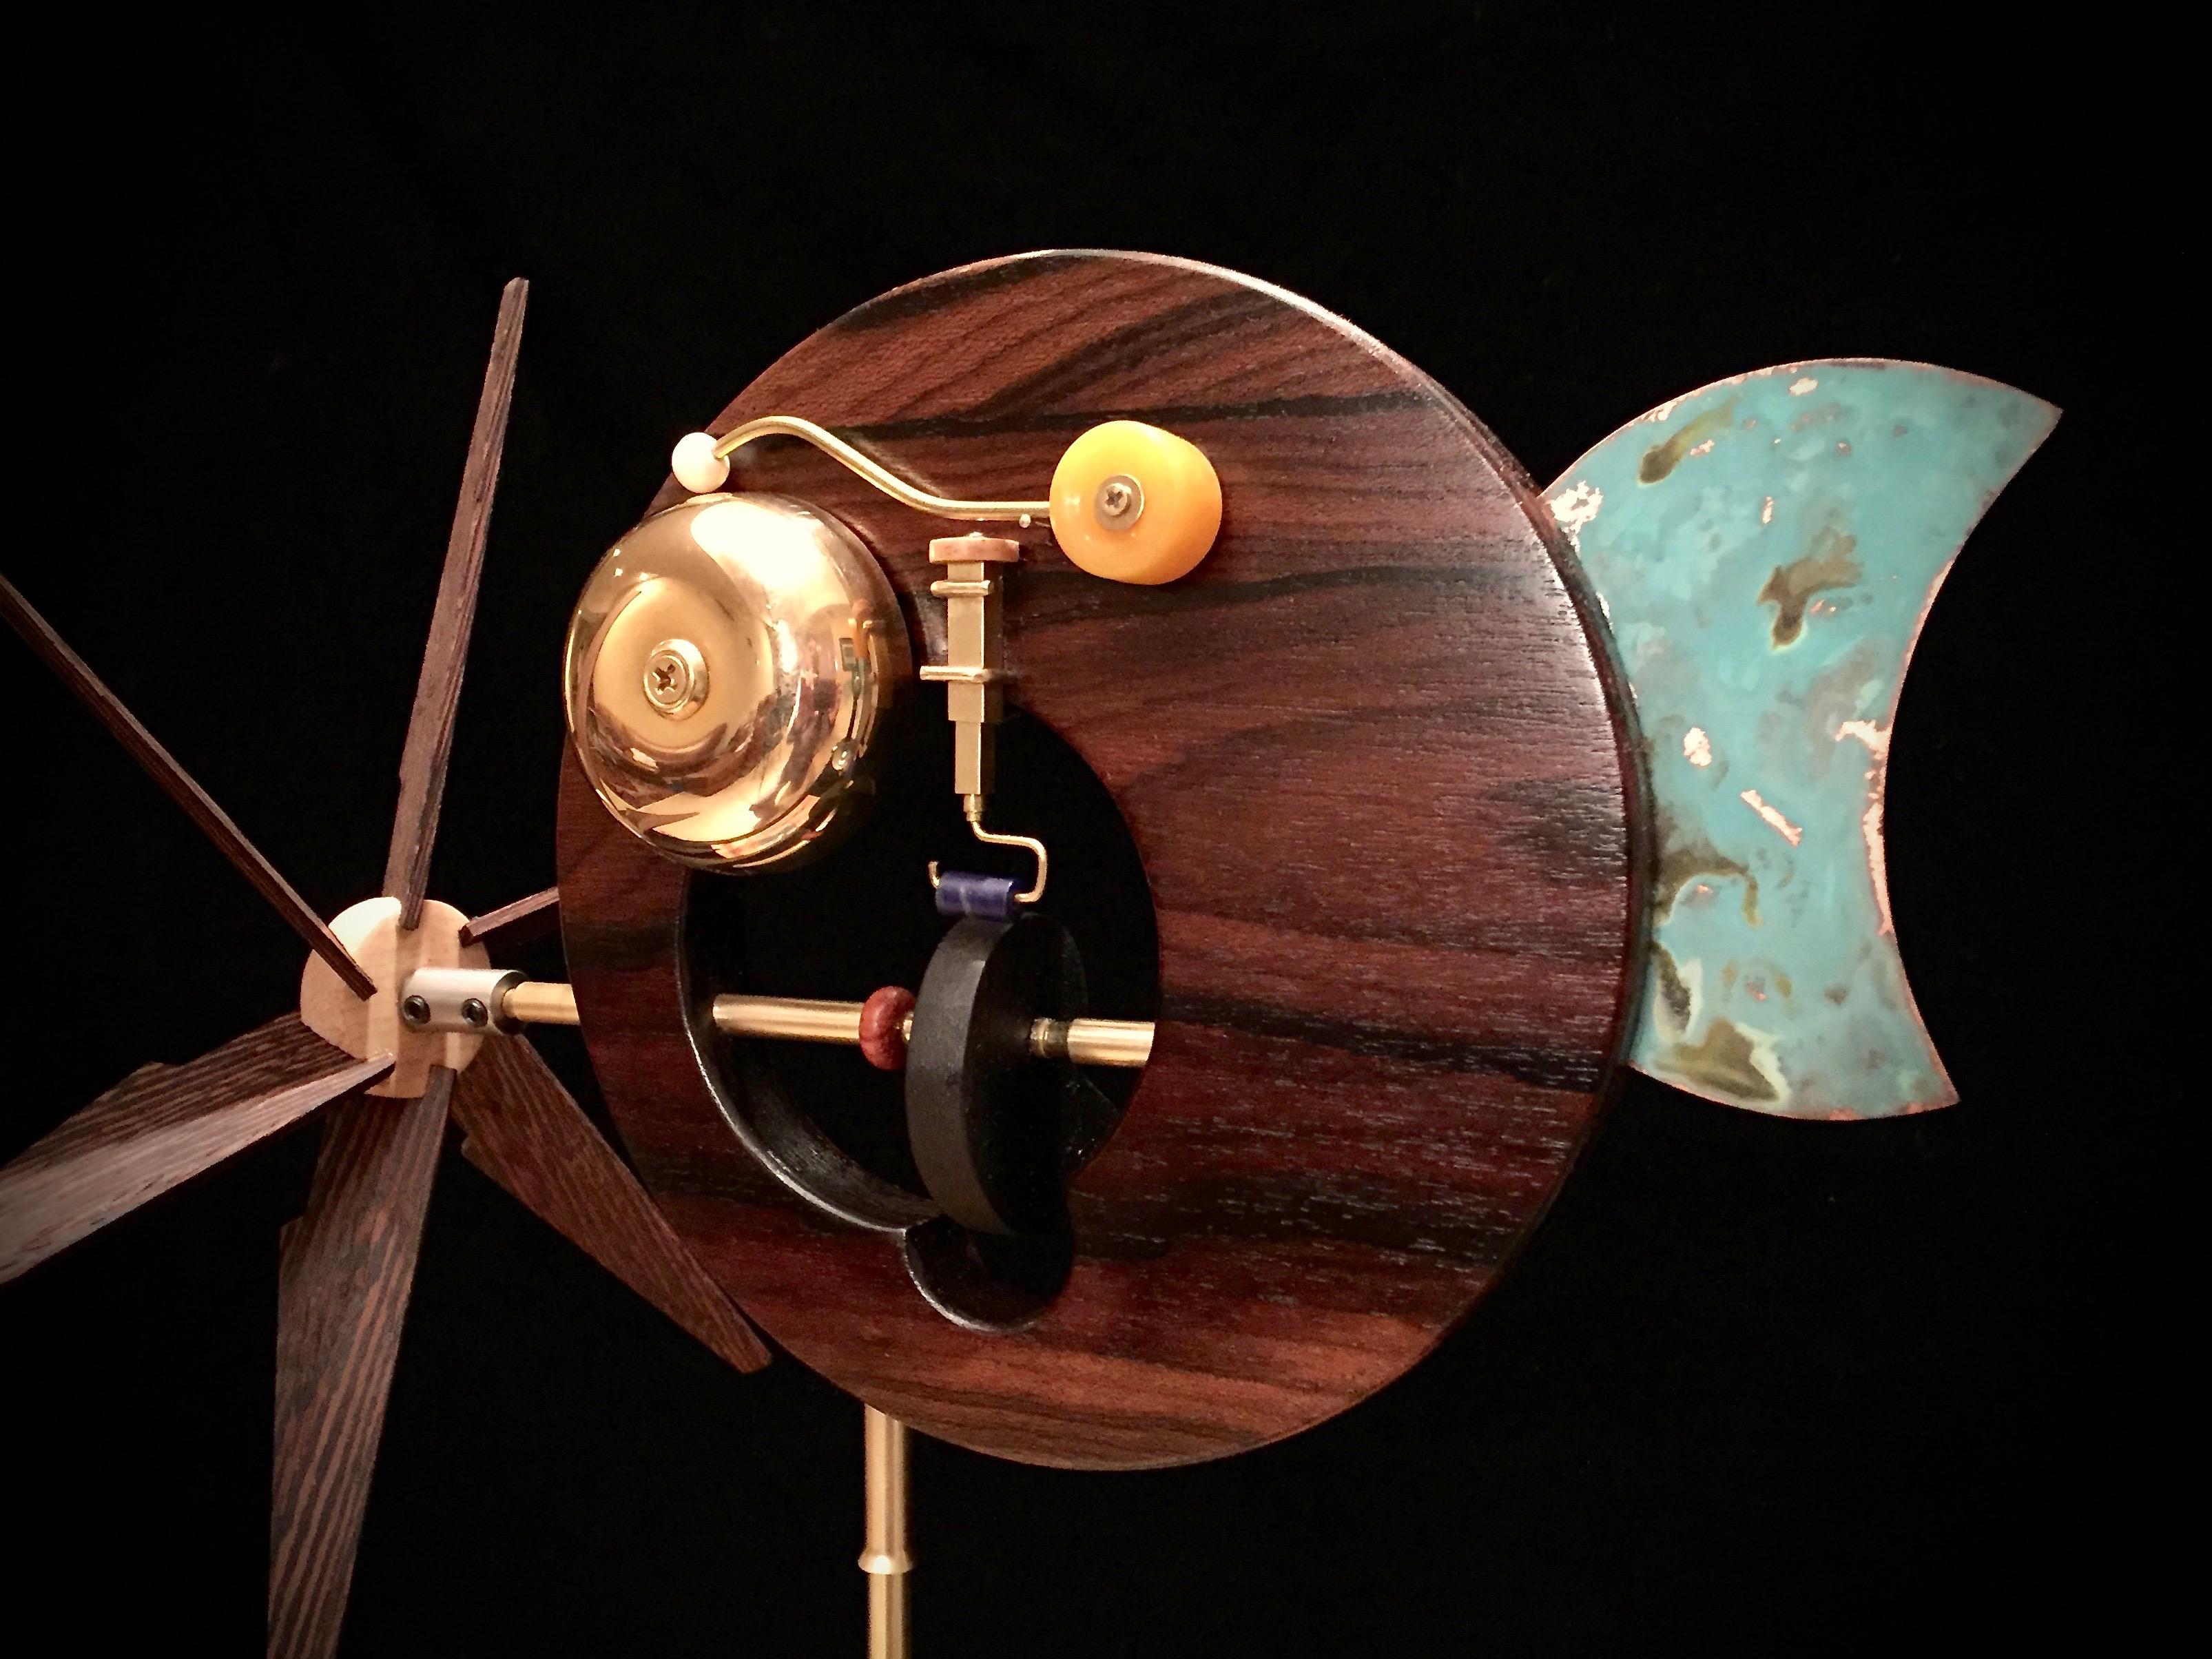 Pufferfish Whirligig